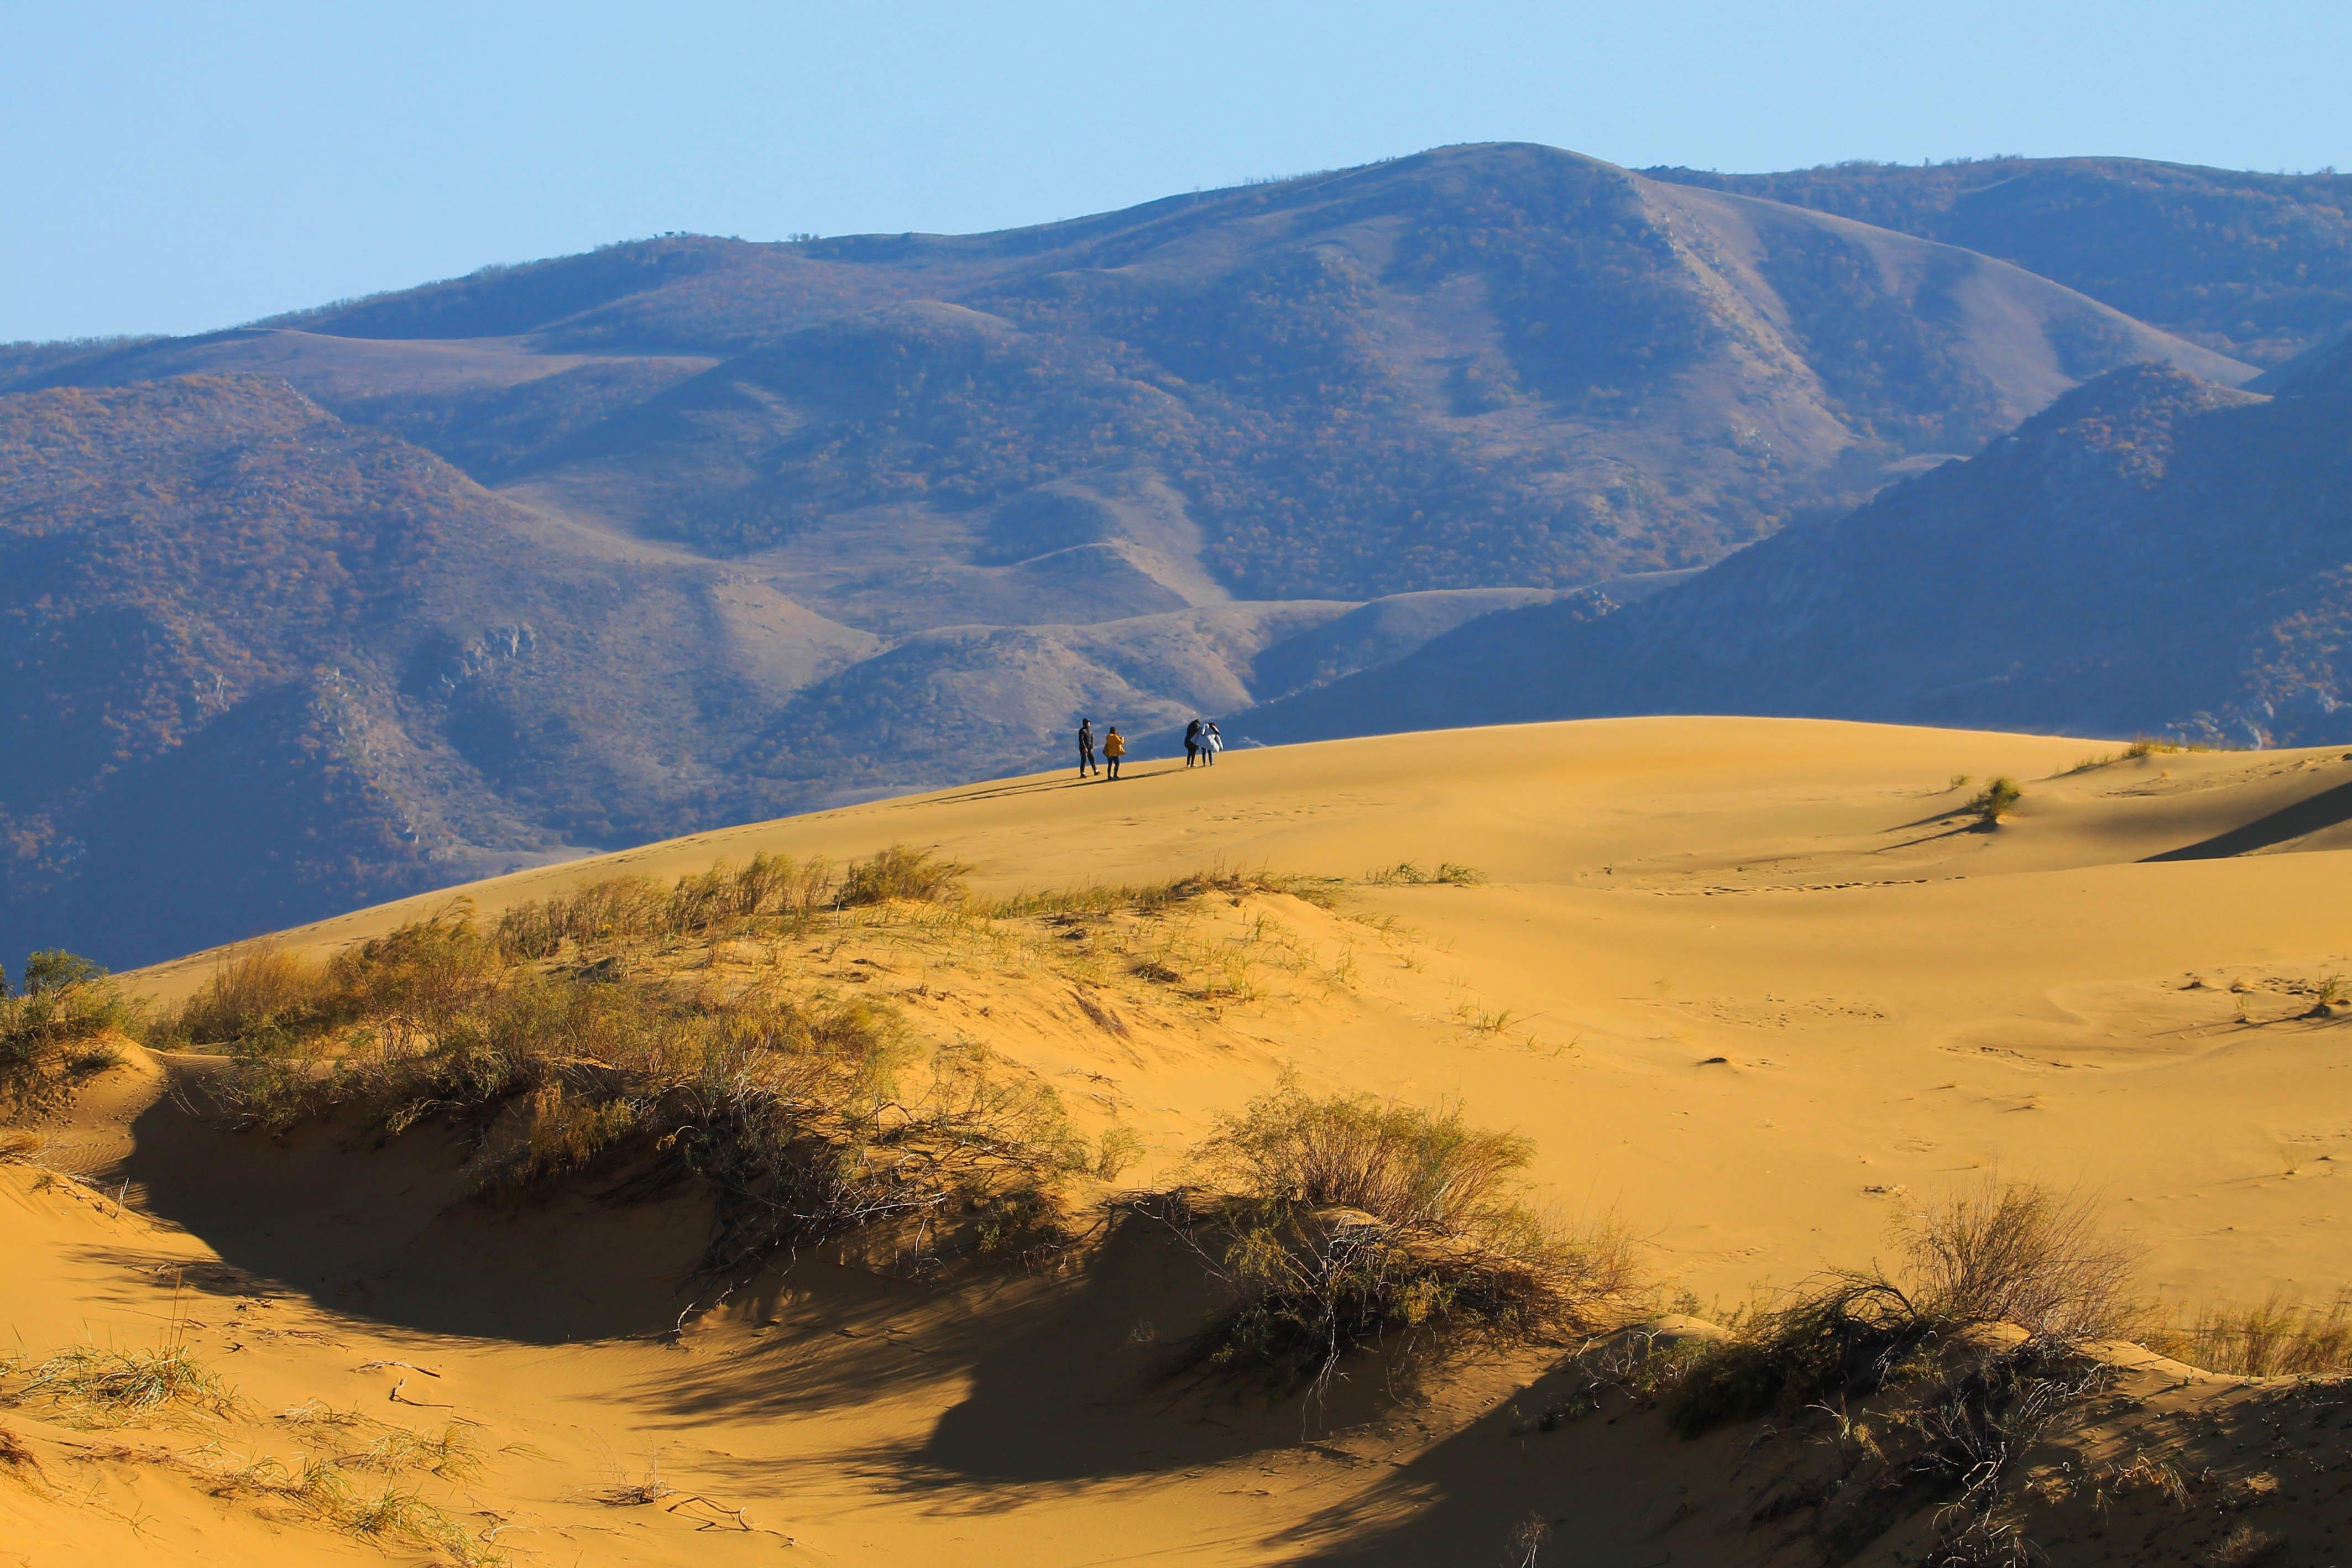 песчаная гора,песок,пейзаж,дагестан.., Марат Магов